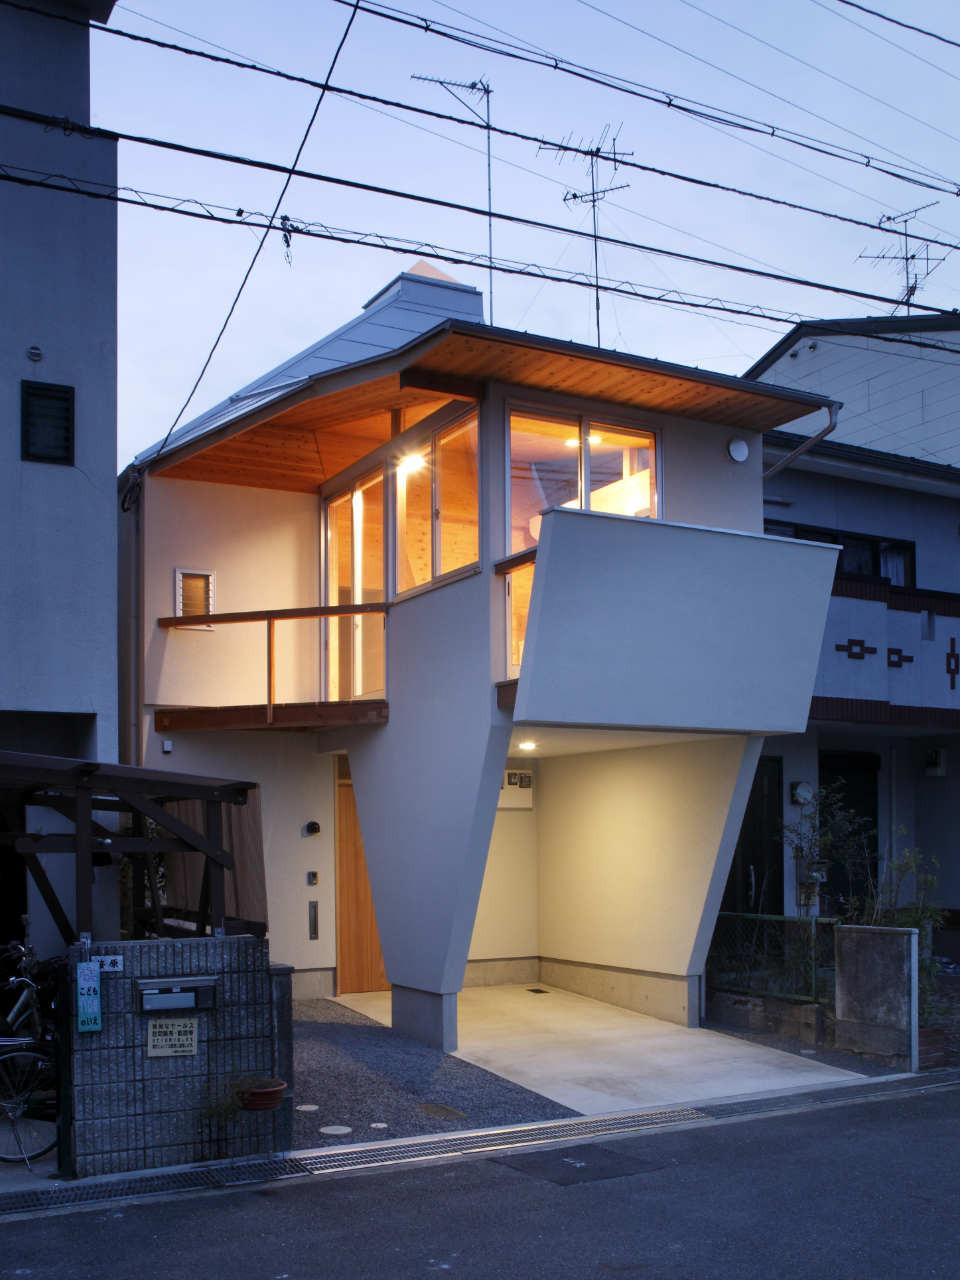 Atelier K / Kensaku Tohmoto, © Yoshiyuki Hirai